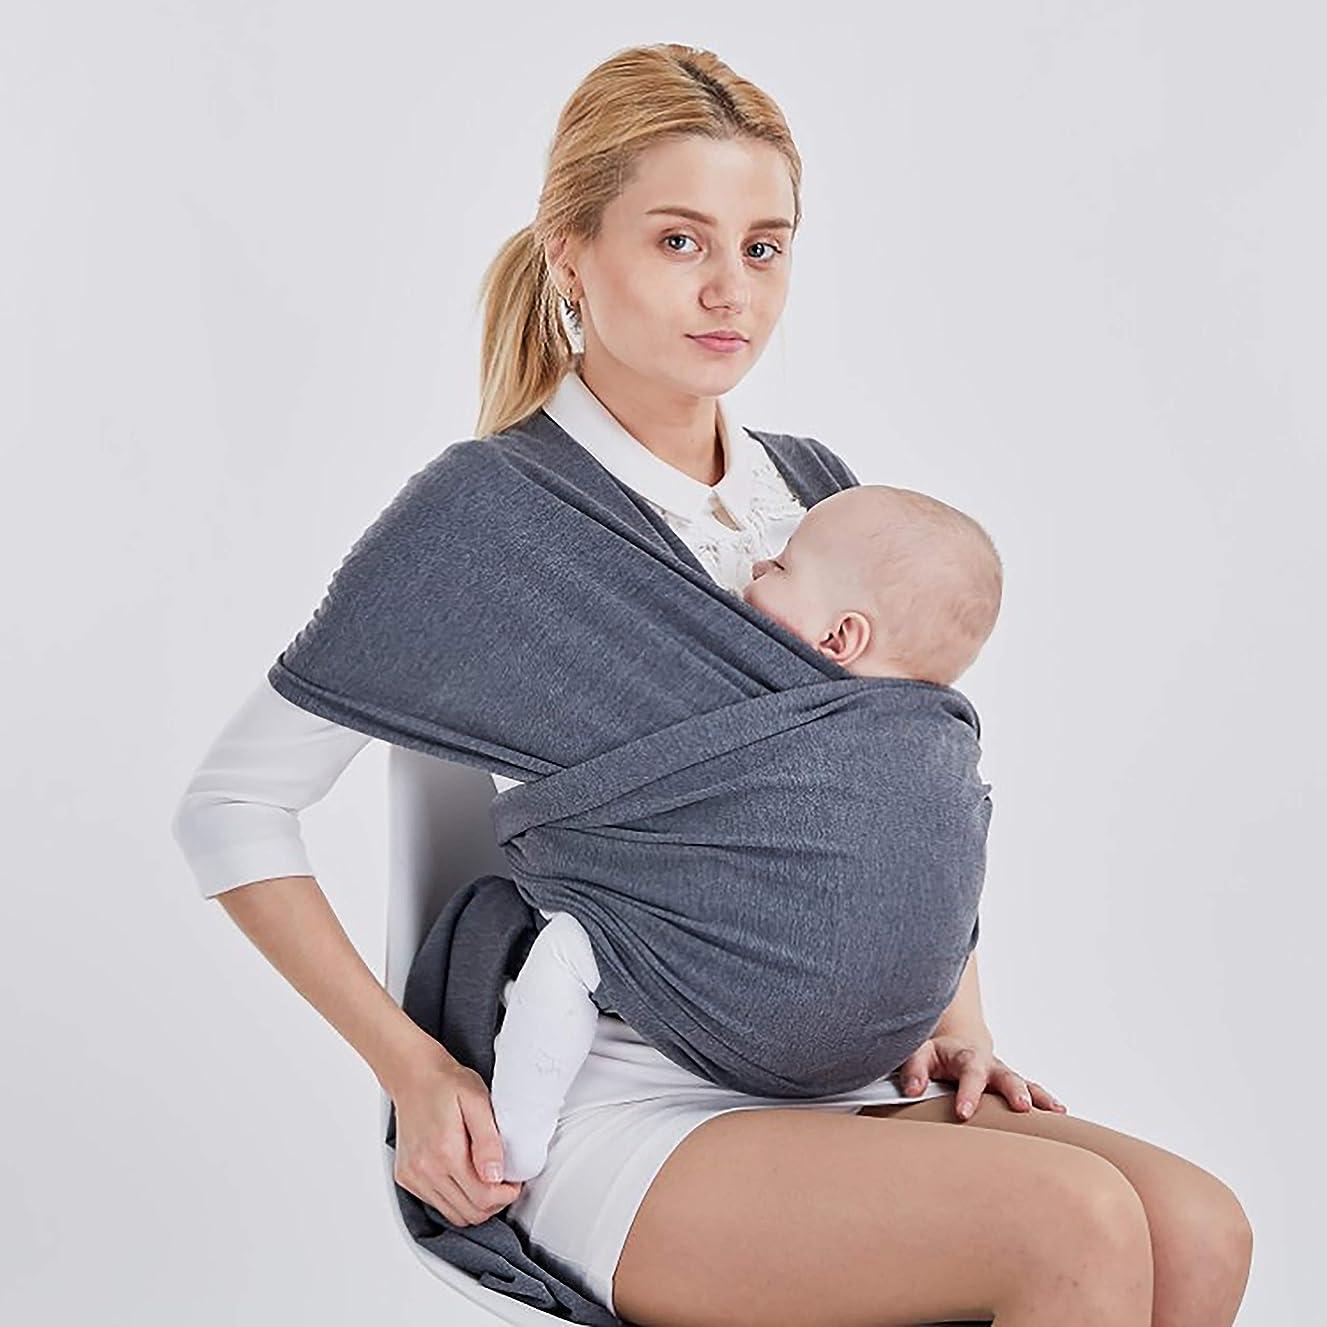 郵便番号ホールド真剣にWKD Onlineによるスリングラップベビーキャリア - 幼児年齢への新生児用 - 胸部に対して乳児を保持するための柔らかい伸縮性のある編まれたコットン - プラスサイズの女性と大きい男性向けグレー